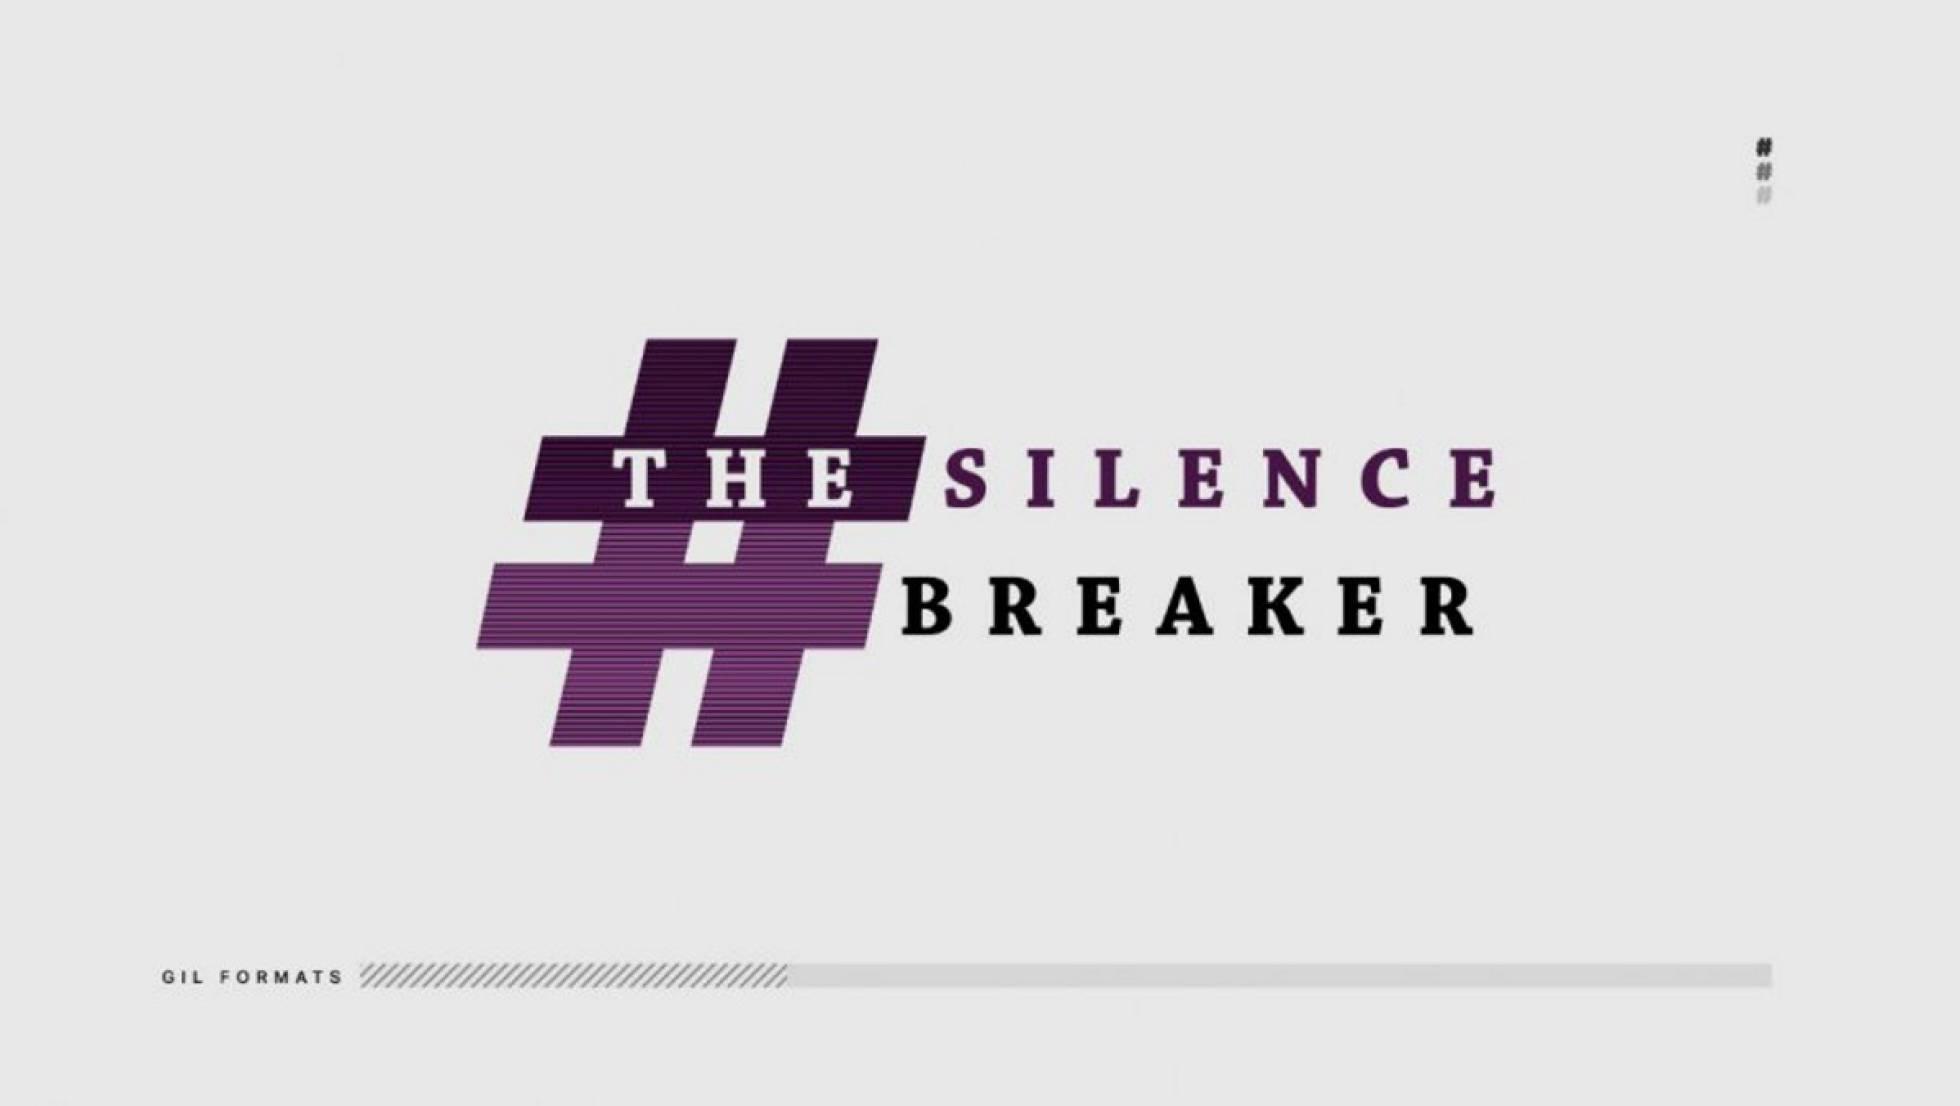 Un reality show para evidenciar el acoso sexual en el trabajo